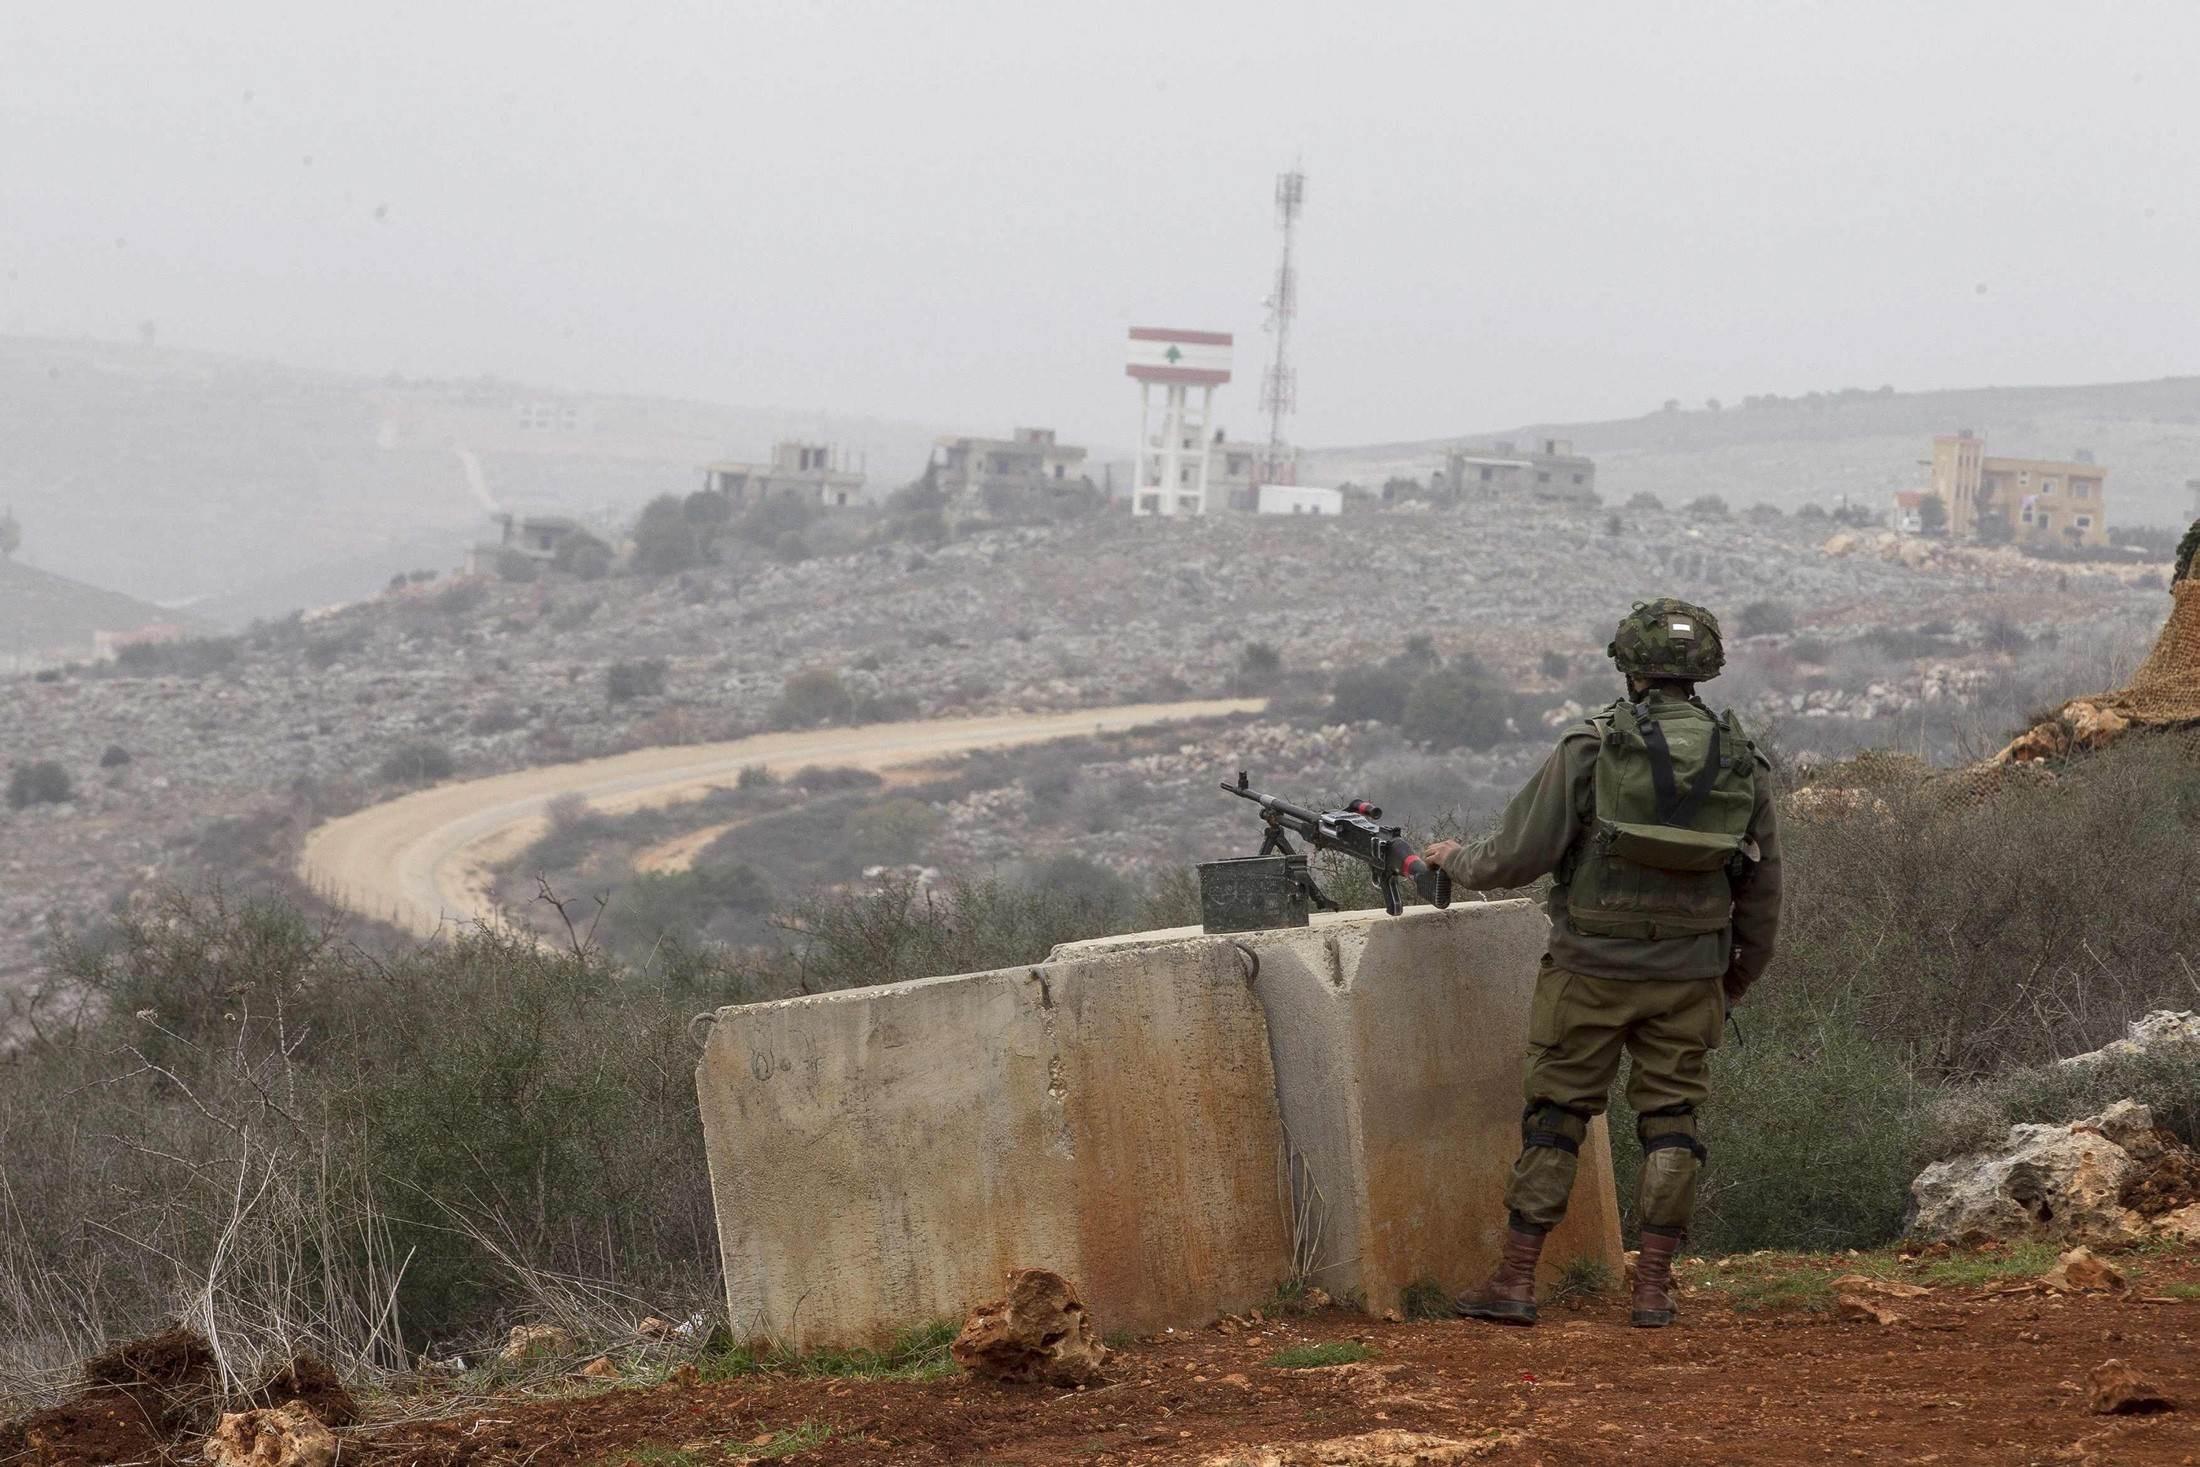 يديعوت أحرونوت: توتّر على الحدود الشمالية على خلفية ردٍّ محتمل لحزب الله